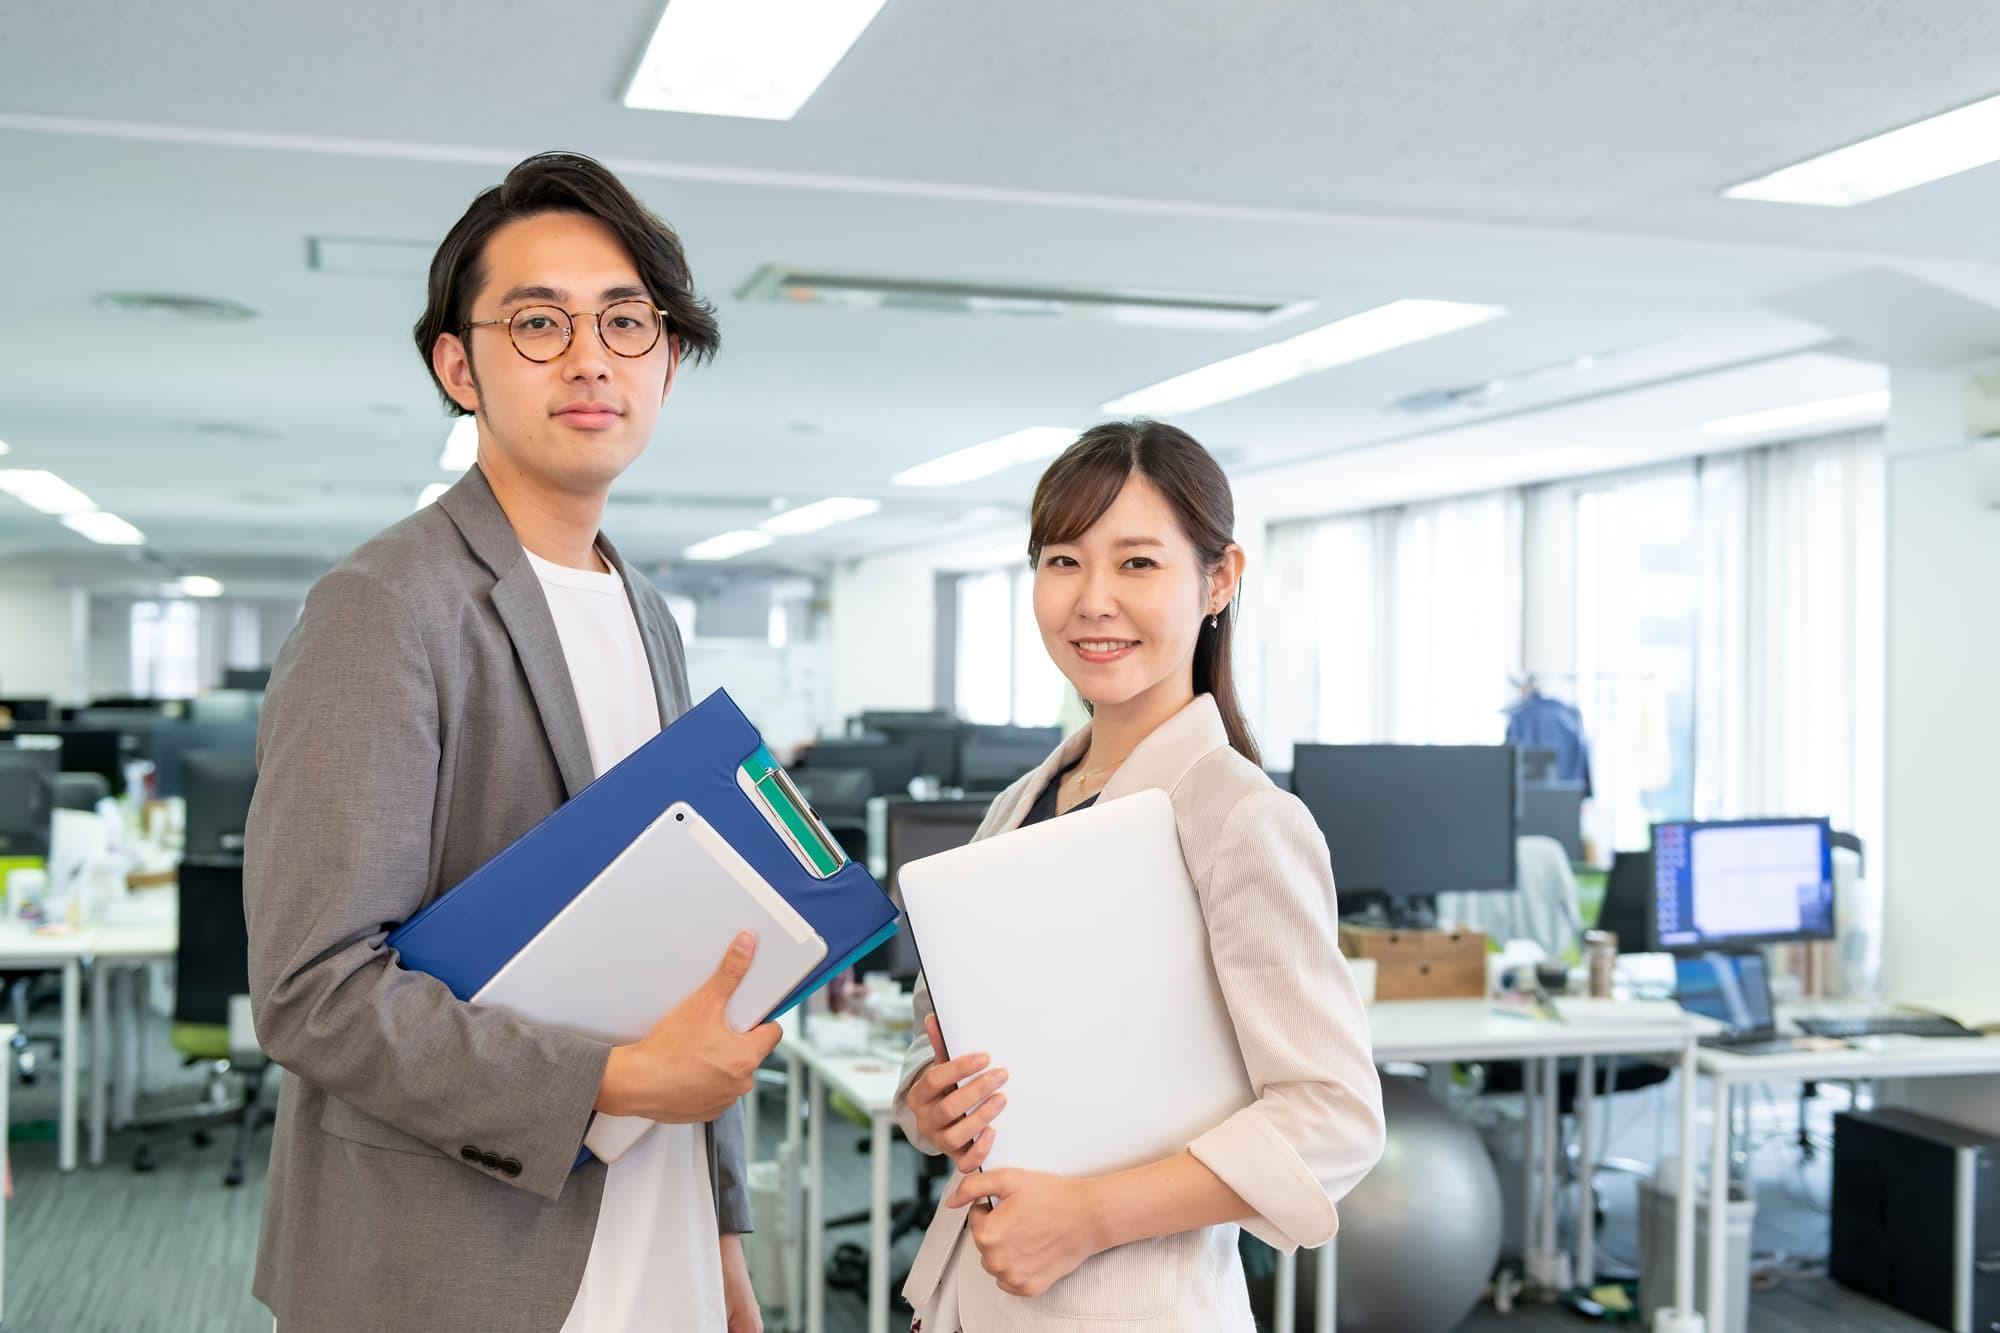 女性の年収は平均293万円。男性の平均より少ない理由は?